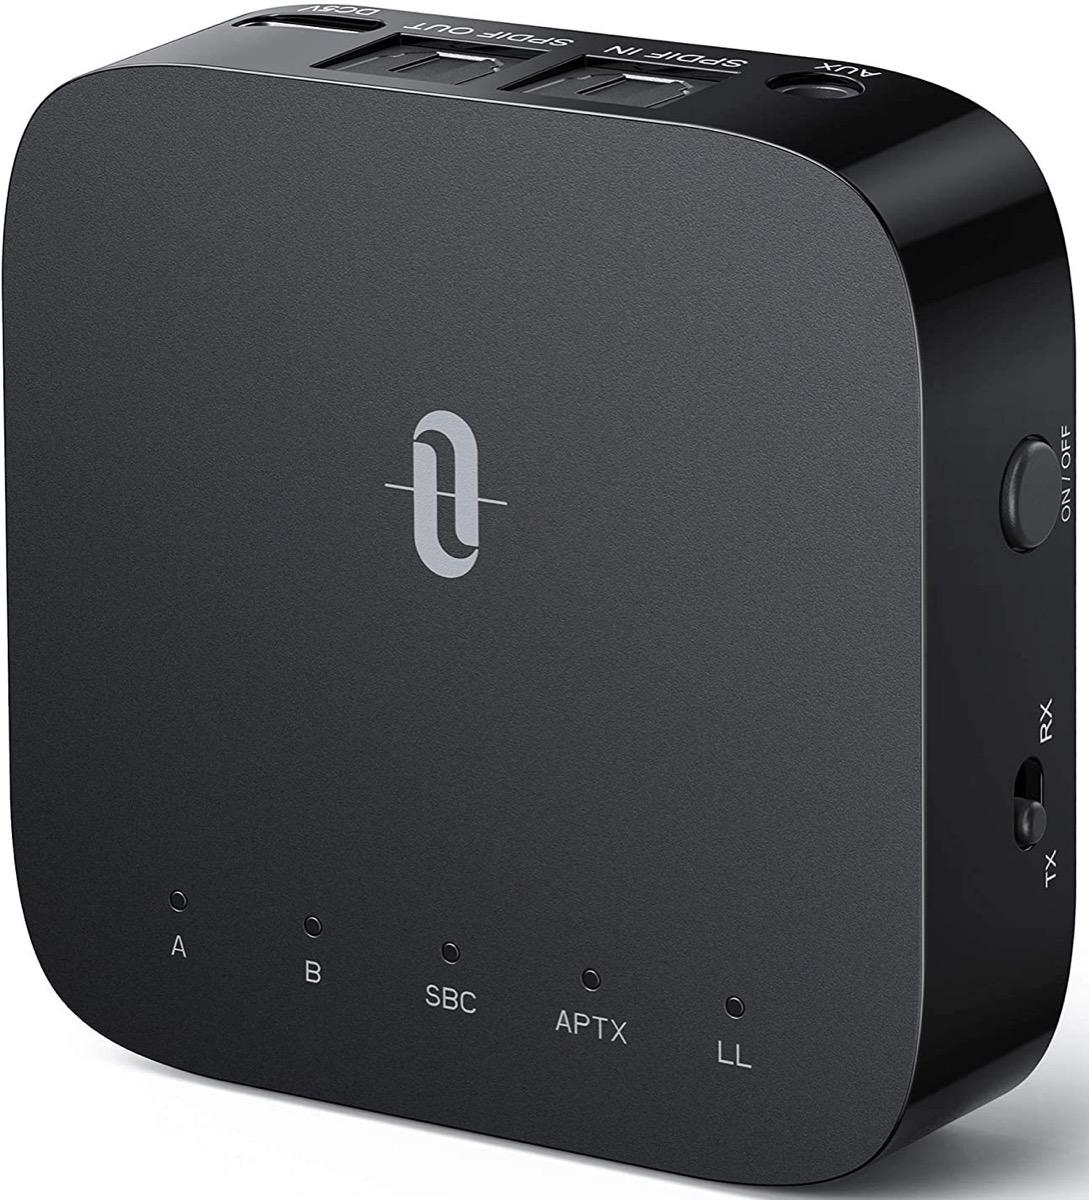 Trasmettitore e ricevitore Bluetooth con AUX e SPDIF a soli 25,89 euro spedito